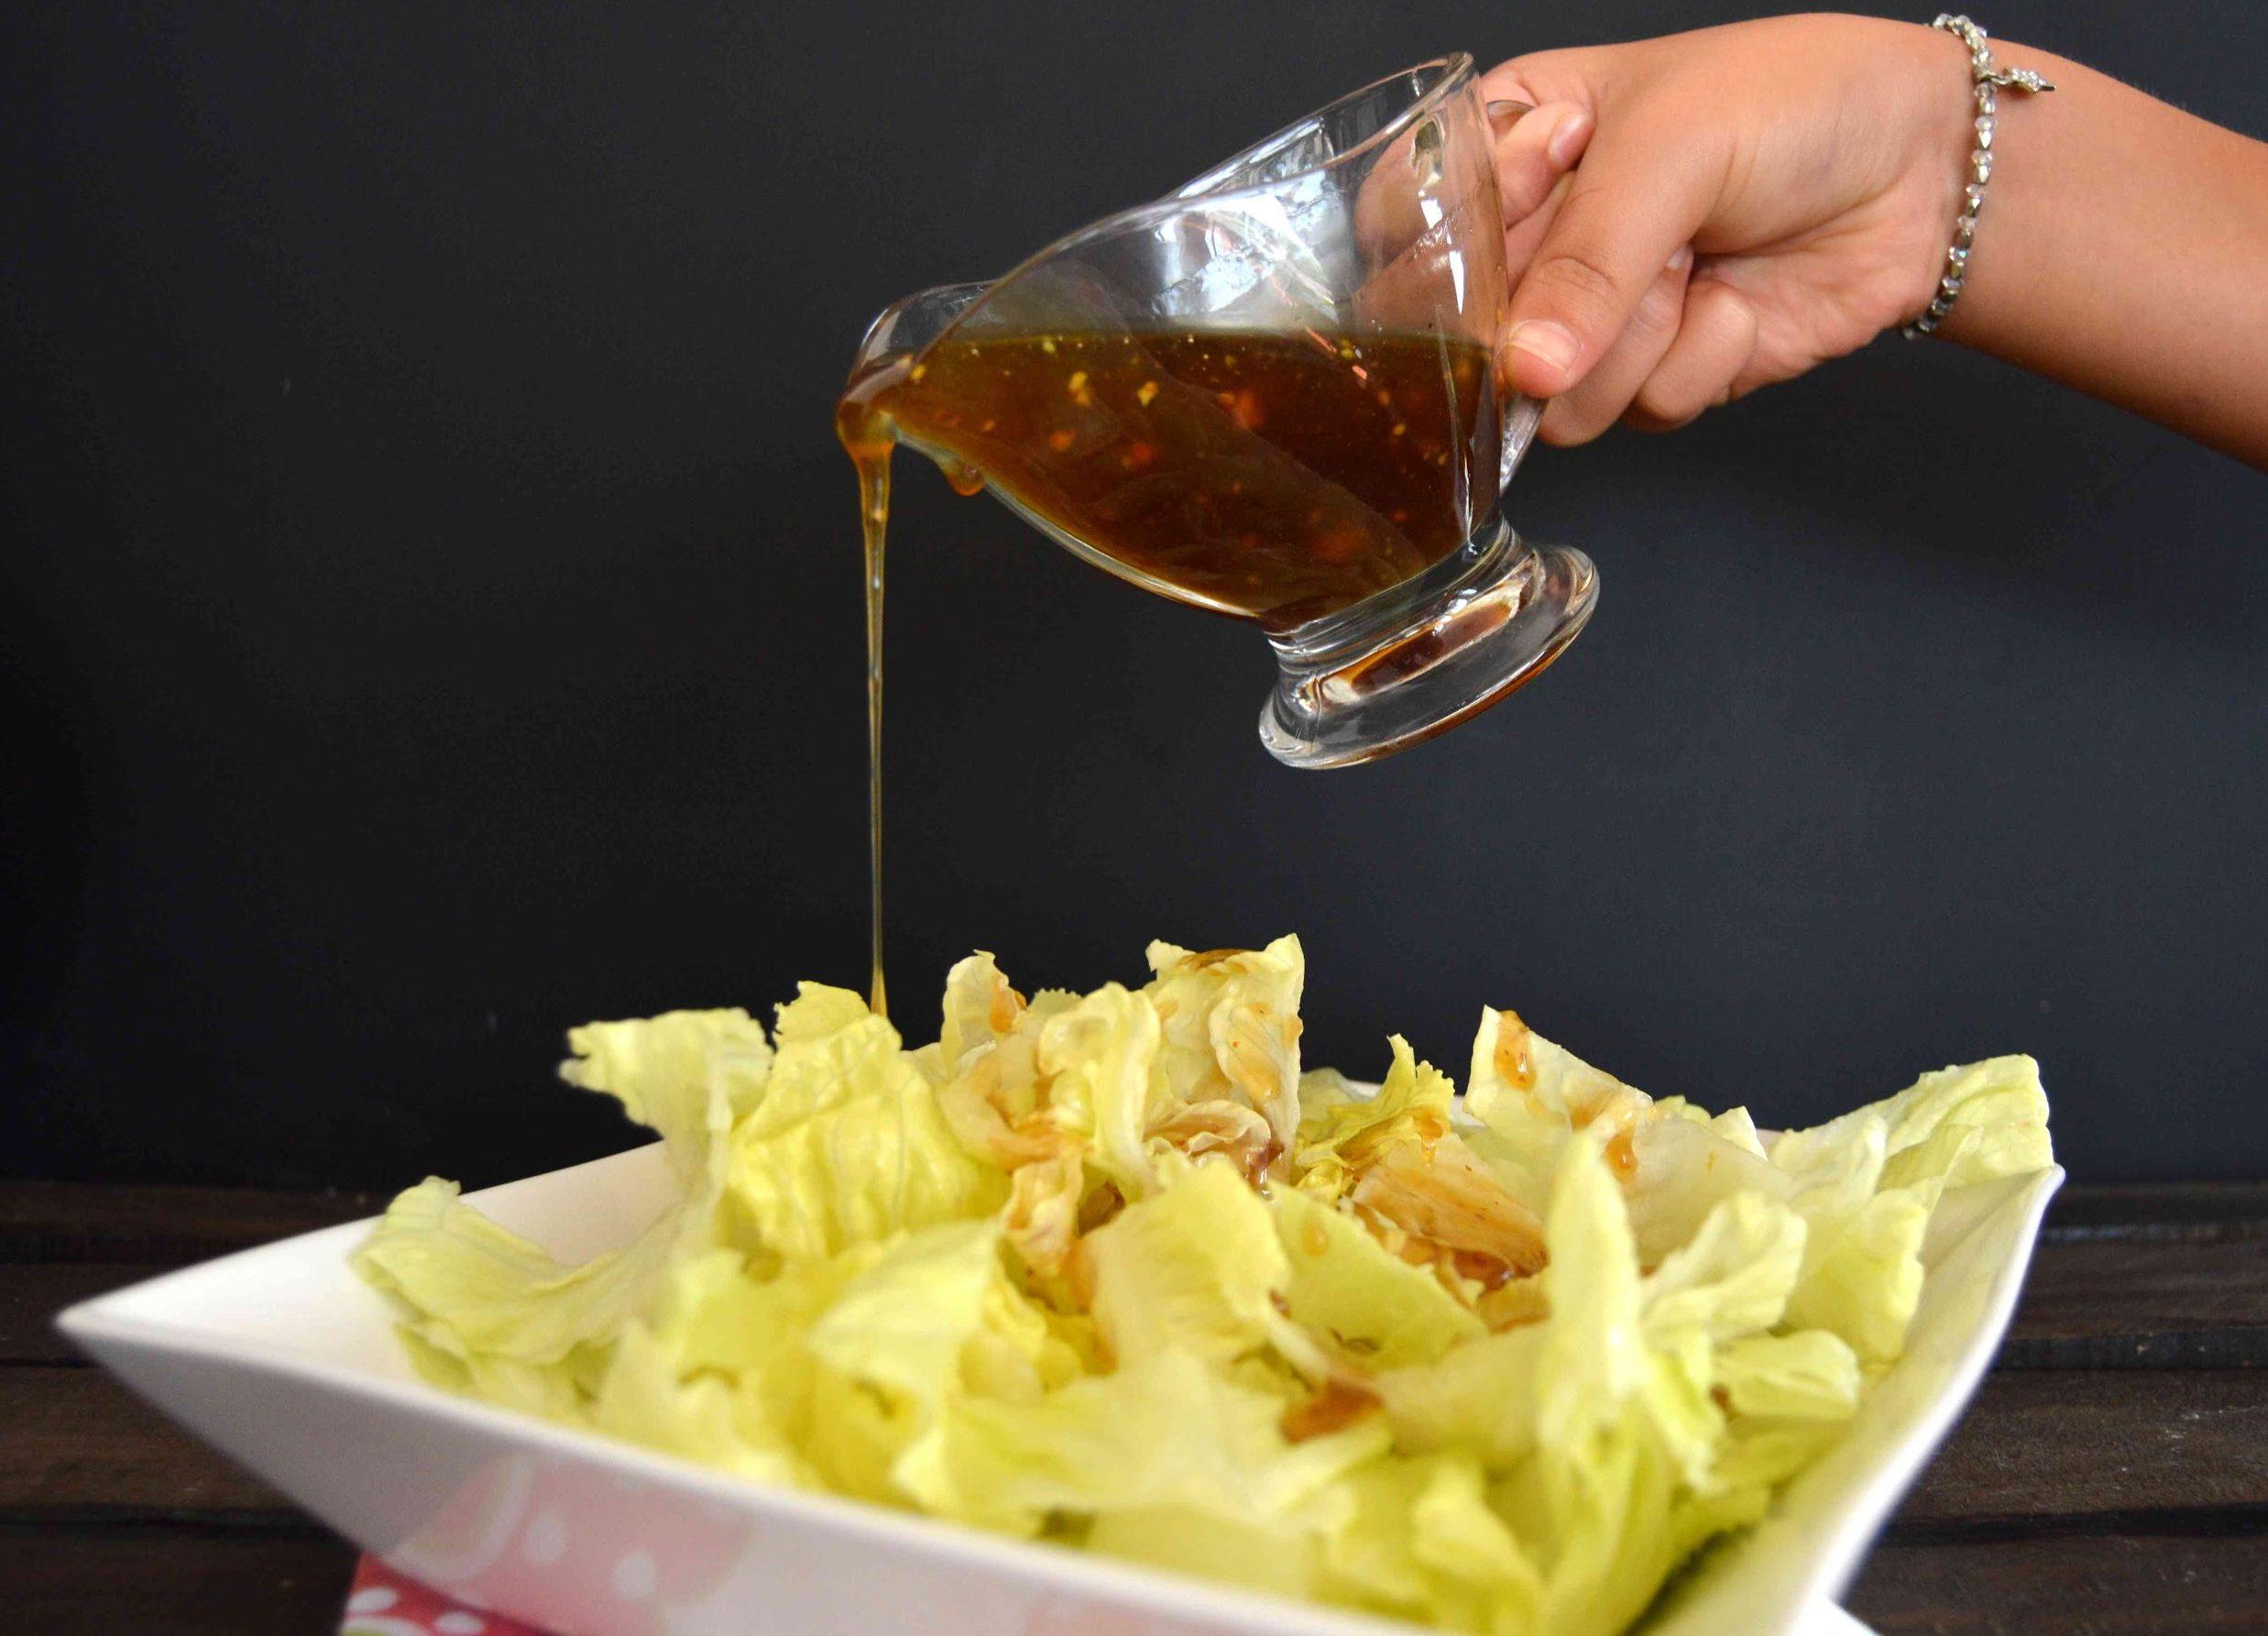 miel y mostaza para vinagreta aderezo comida